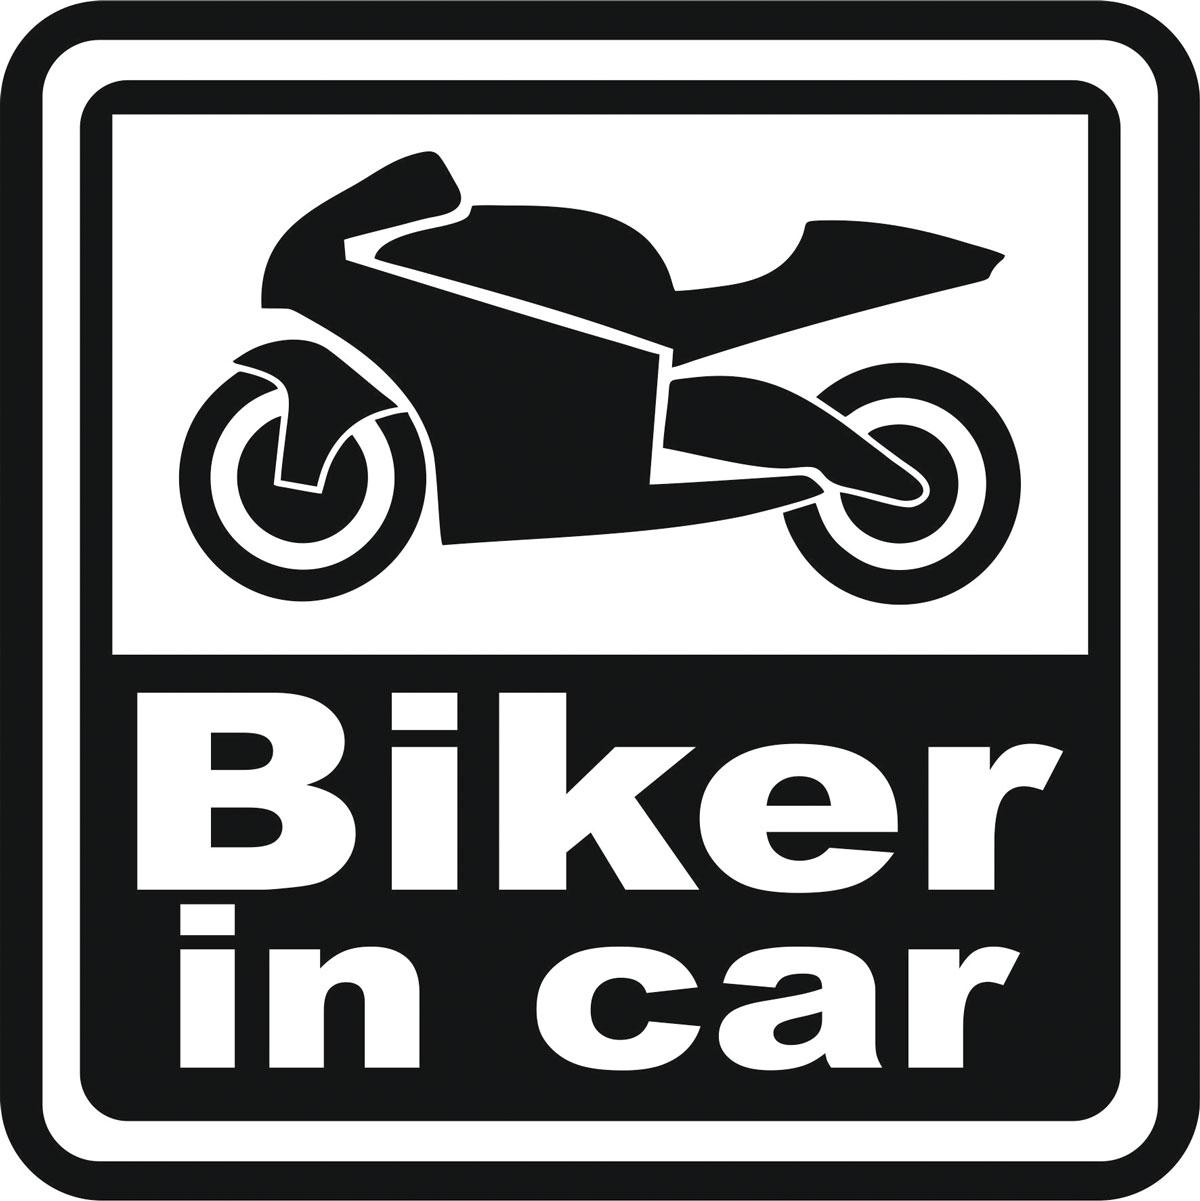 Наклейка автомобильная Оранжевый слоник Biker in Car, виниловая, цвет: черный150MT00021BОригинальная наклейка Оранжевый слоник Biker in Car изготовлена из высококачественной виниловой пленки, которая выполняет не только декоративную функцию, но и защищает кузов автомобиля от небольших механических повреждений, либо скрывает уже существующие.Виниловые наклейки на автомобиль - это не только красиво, но еще и быстро! Всего за несколько минут вы можете полностью преобразить свой автомобиль, сделать его ярким, необычным, особенным и неповторимым!